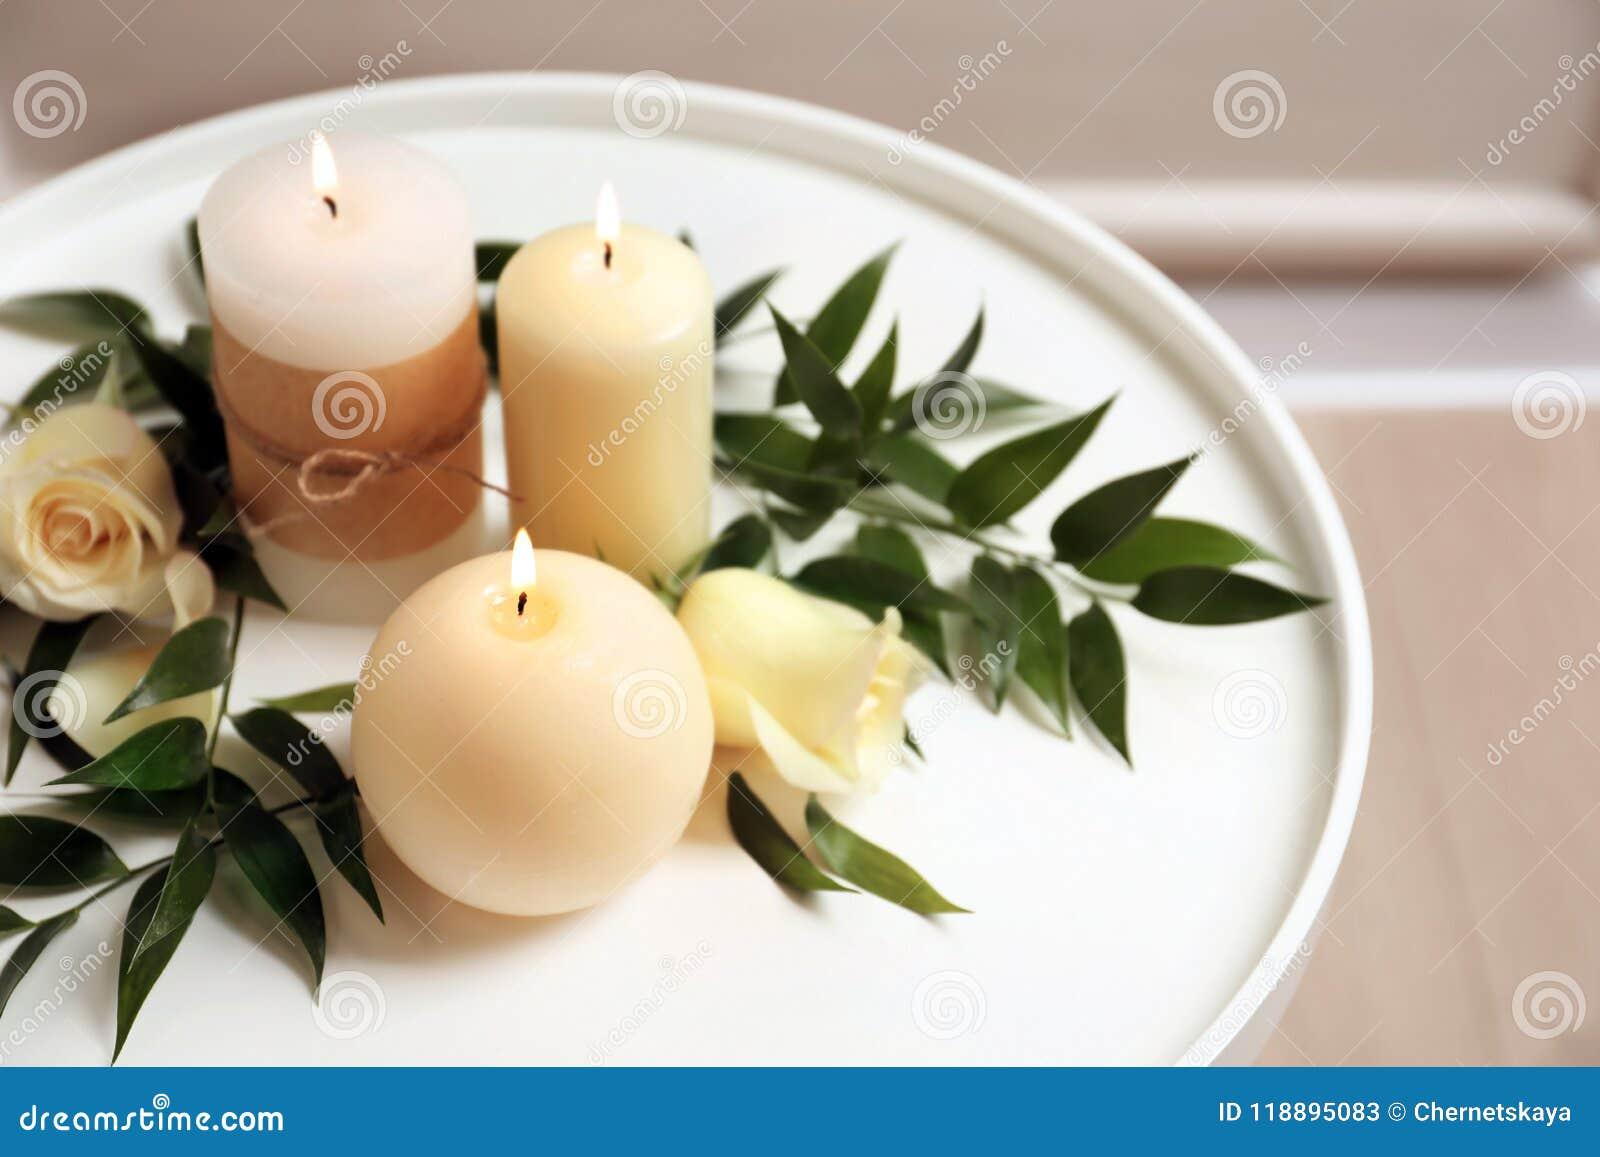 Schöne Zusammensetzung mit brennenden Kerzen und Blumen